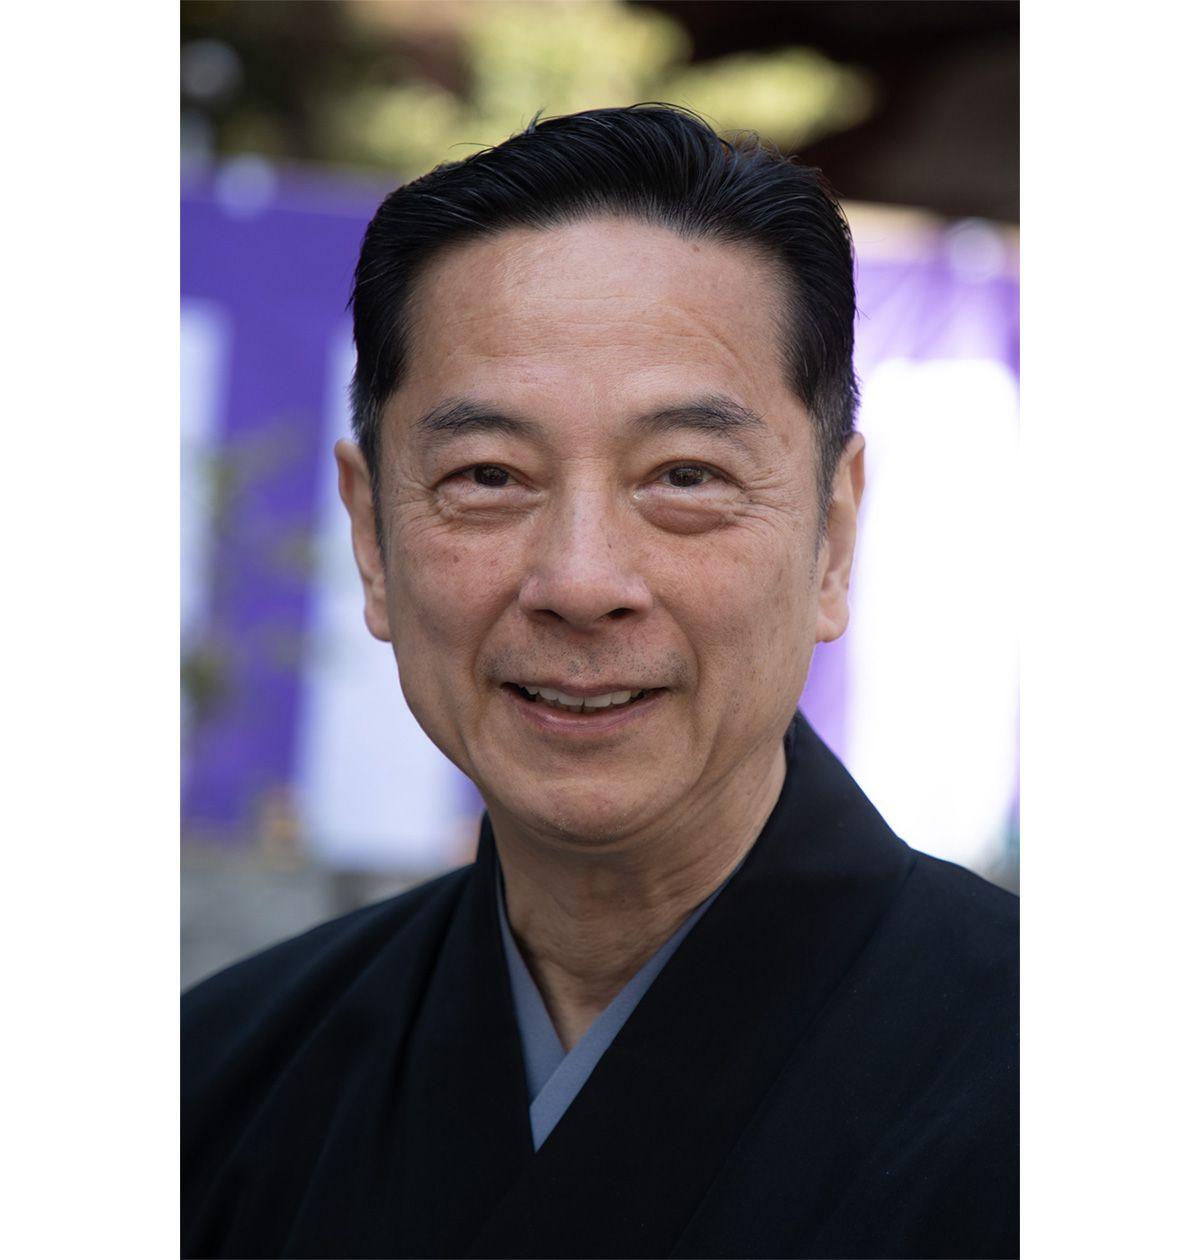 発起人の一人である、能楽小鼓方大倉源次郎。2018年に人間国宝に指定された。「桜井は小鼓の故郷。多武峰談山能には大きなご縁を感じます」。